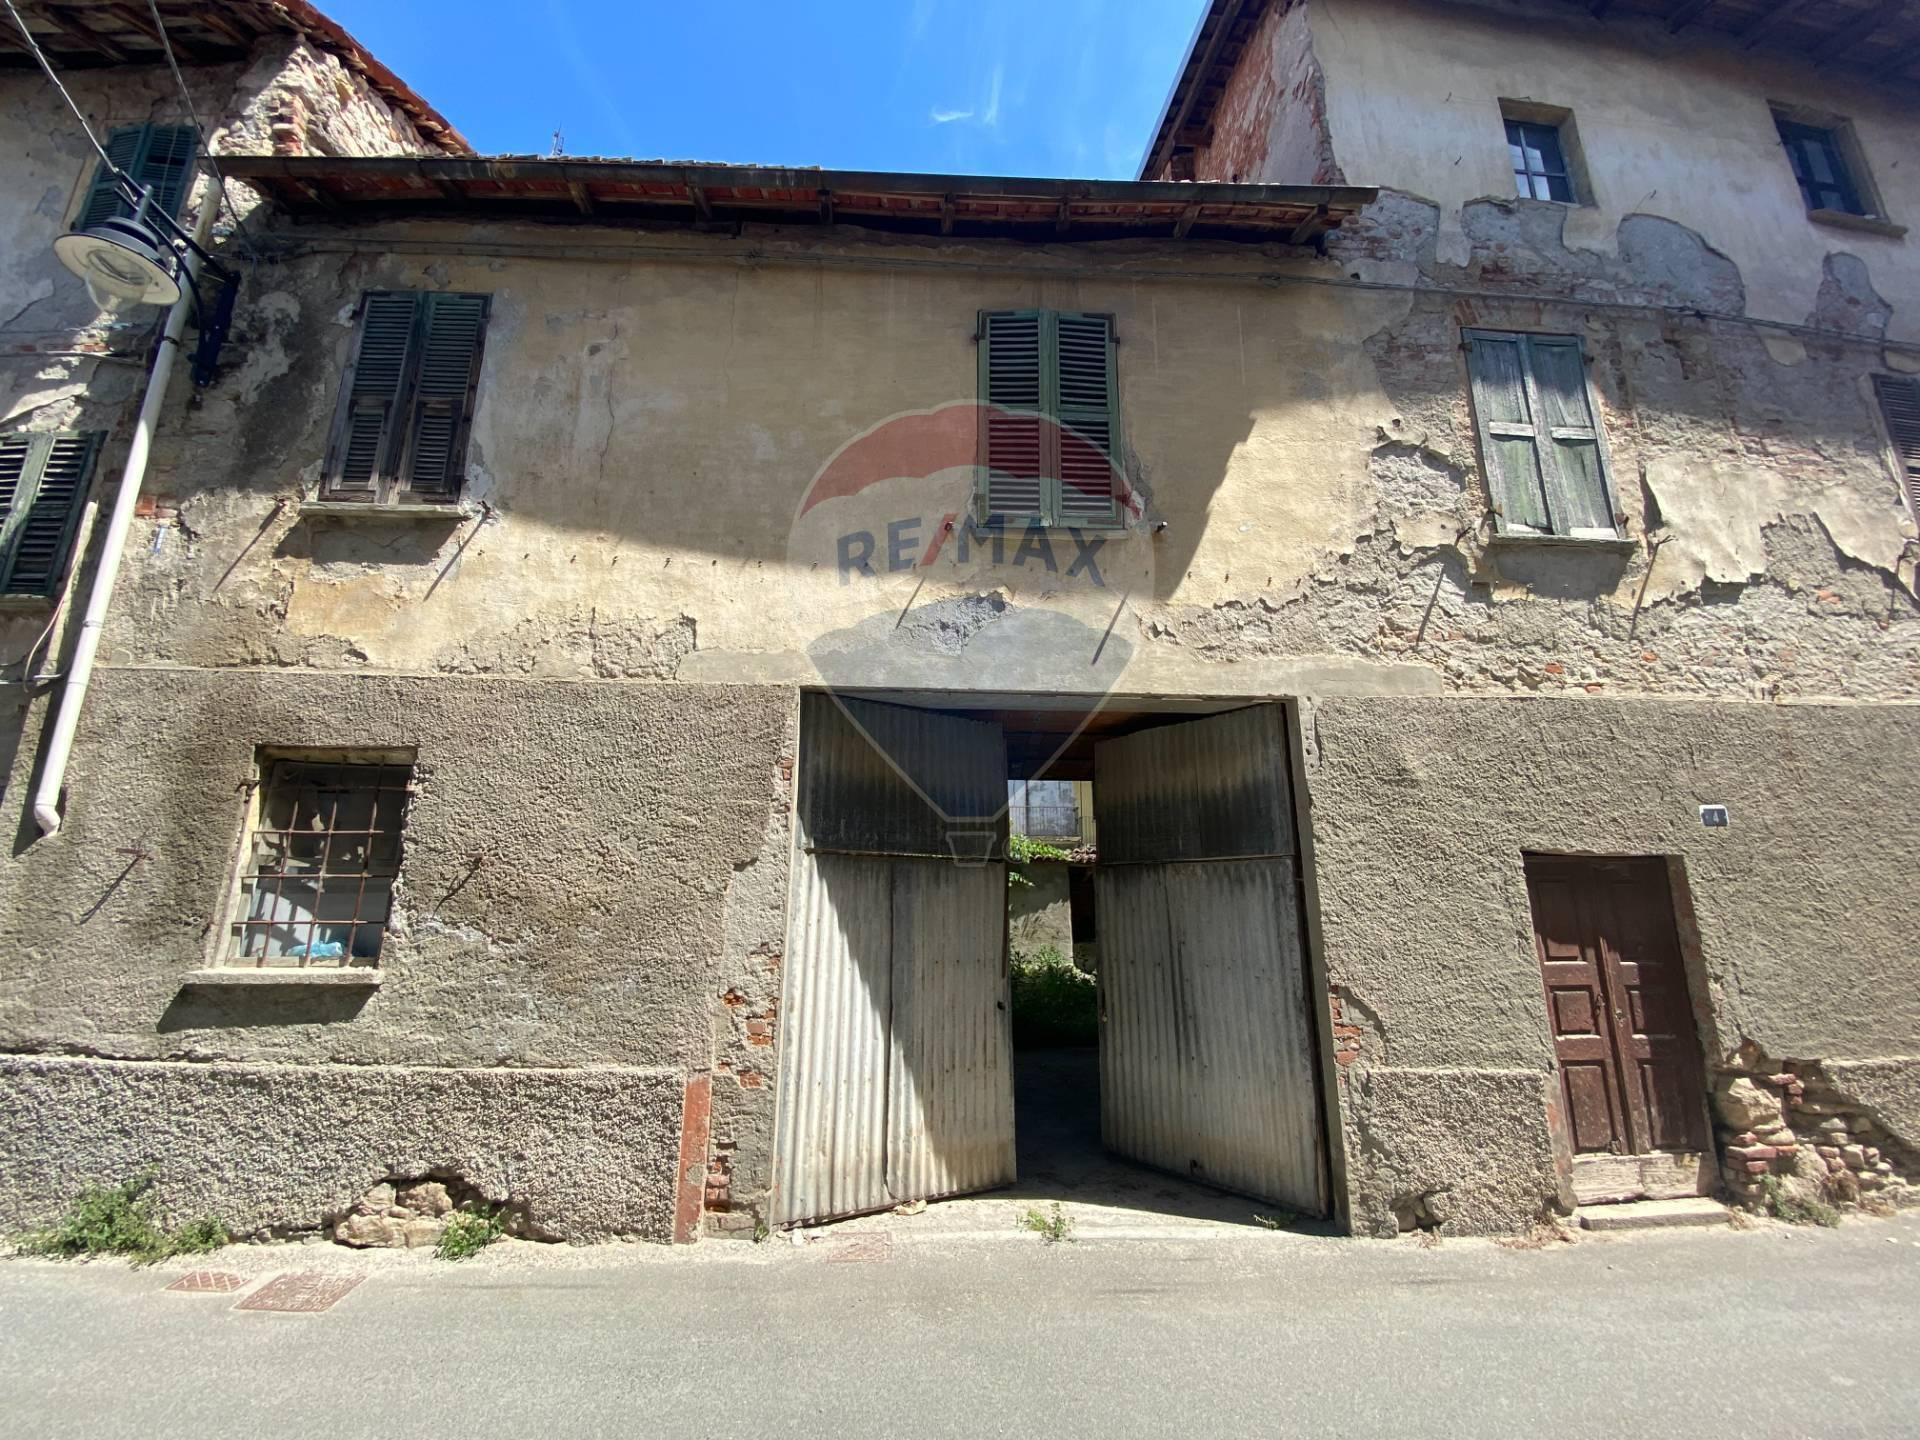 Rustico / Casale in vendita a Rivalta Bormida, 7 locali, prezzo € 62.000   CambioCasa.it